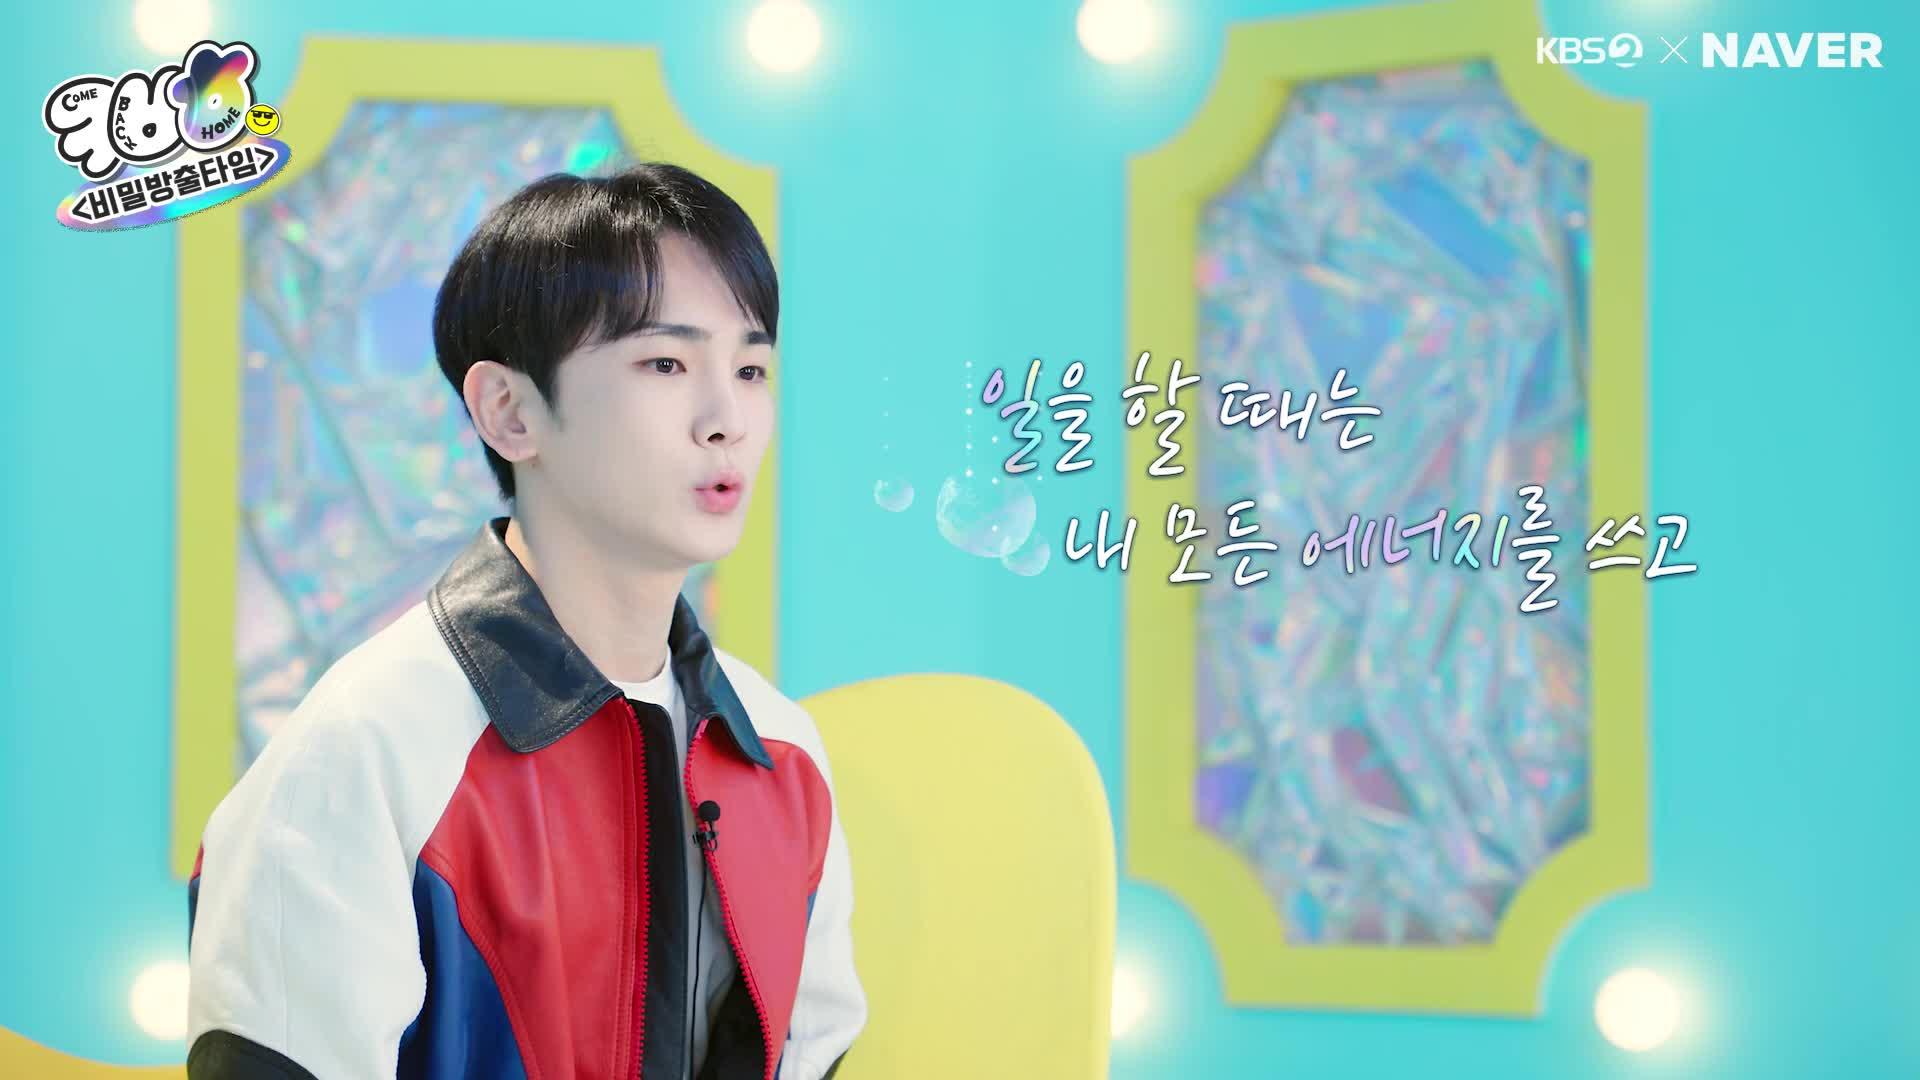 [컴백홈TV 3회] 유재석이 알려주는 키+예나+인성의 은밀한 사생활&시크릿스토리•˚-˚•)و 드루와♡